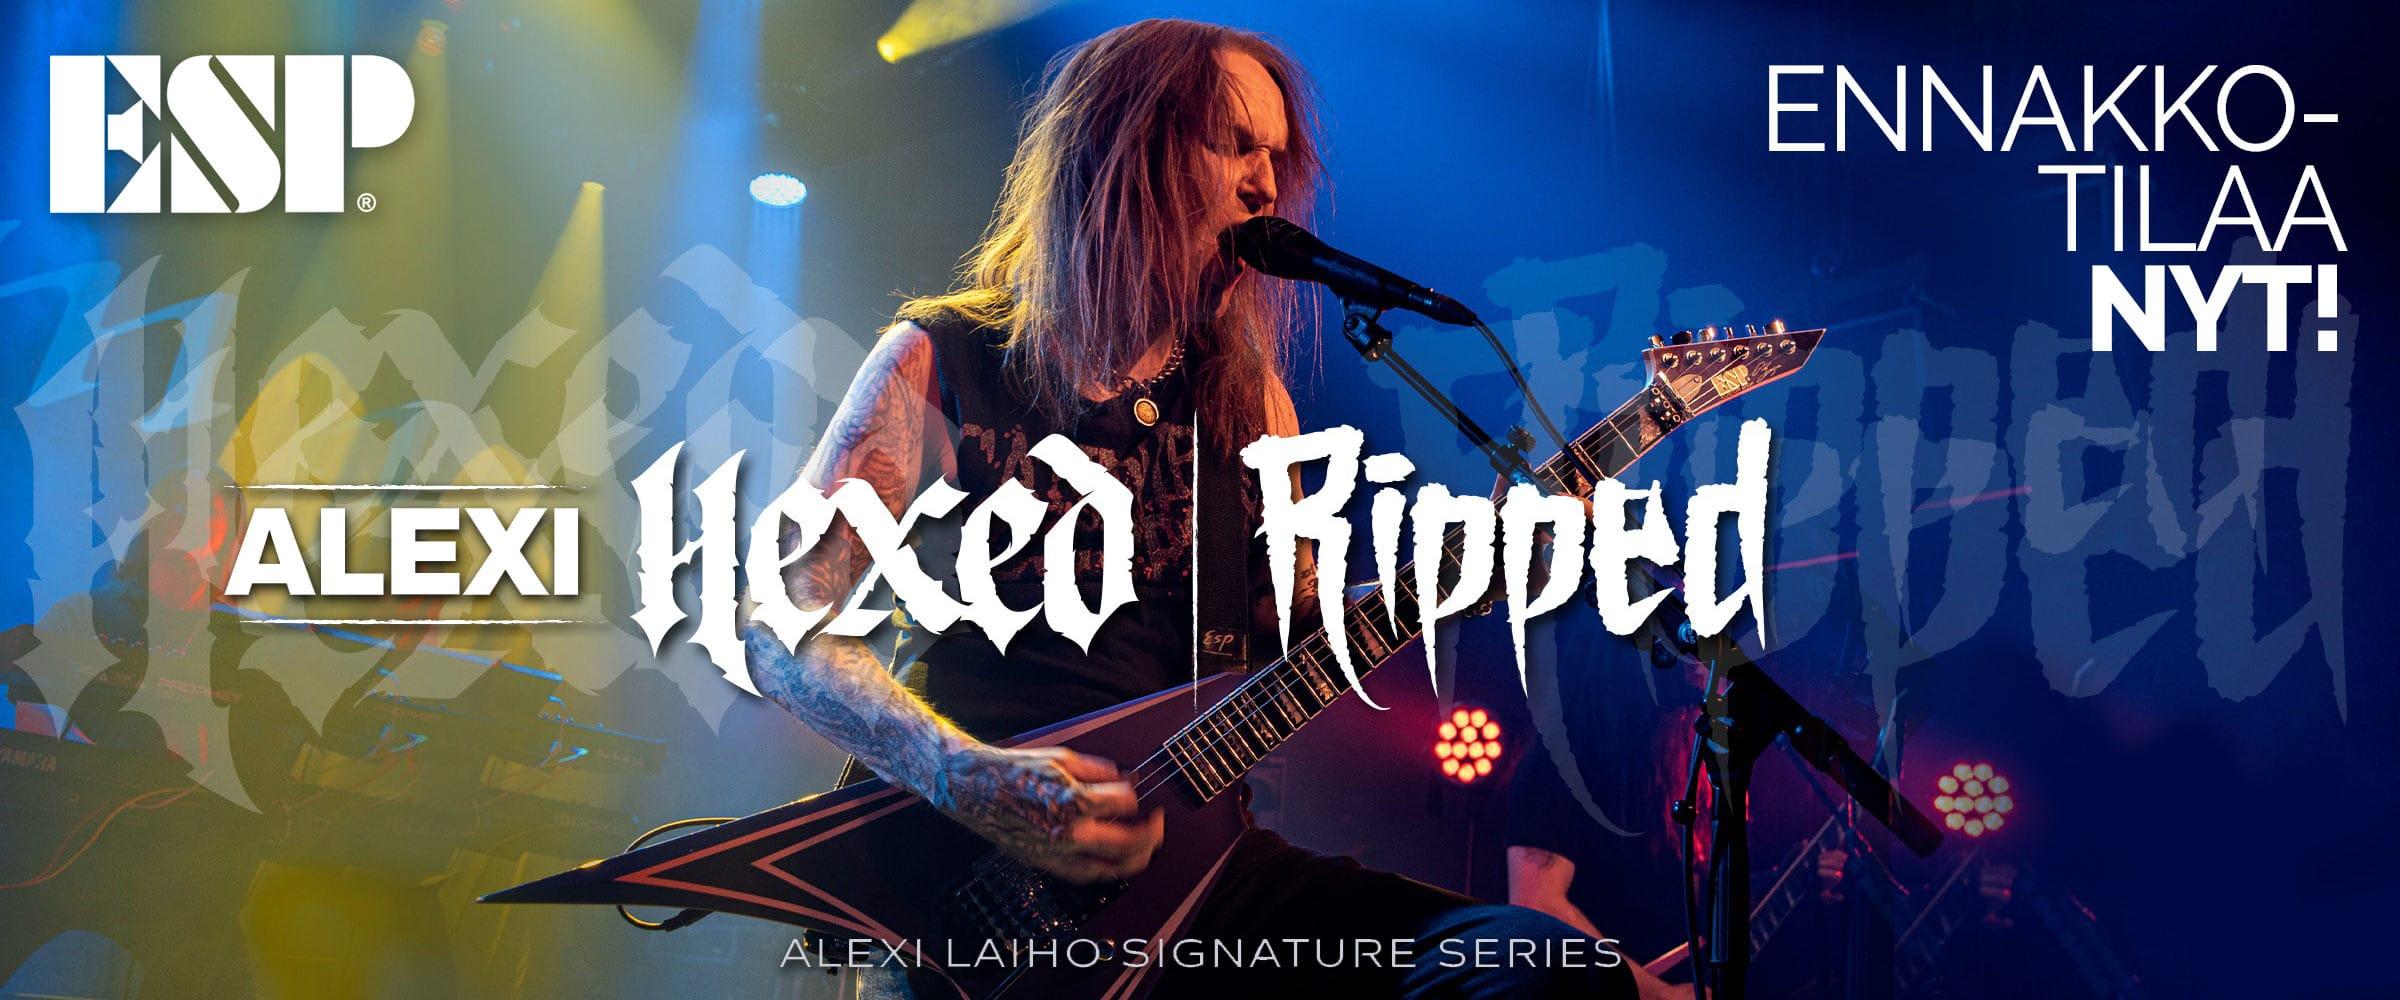 ESP Alexi Hexed | Ripped - Ennakkotilaa nyt